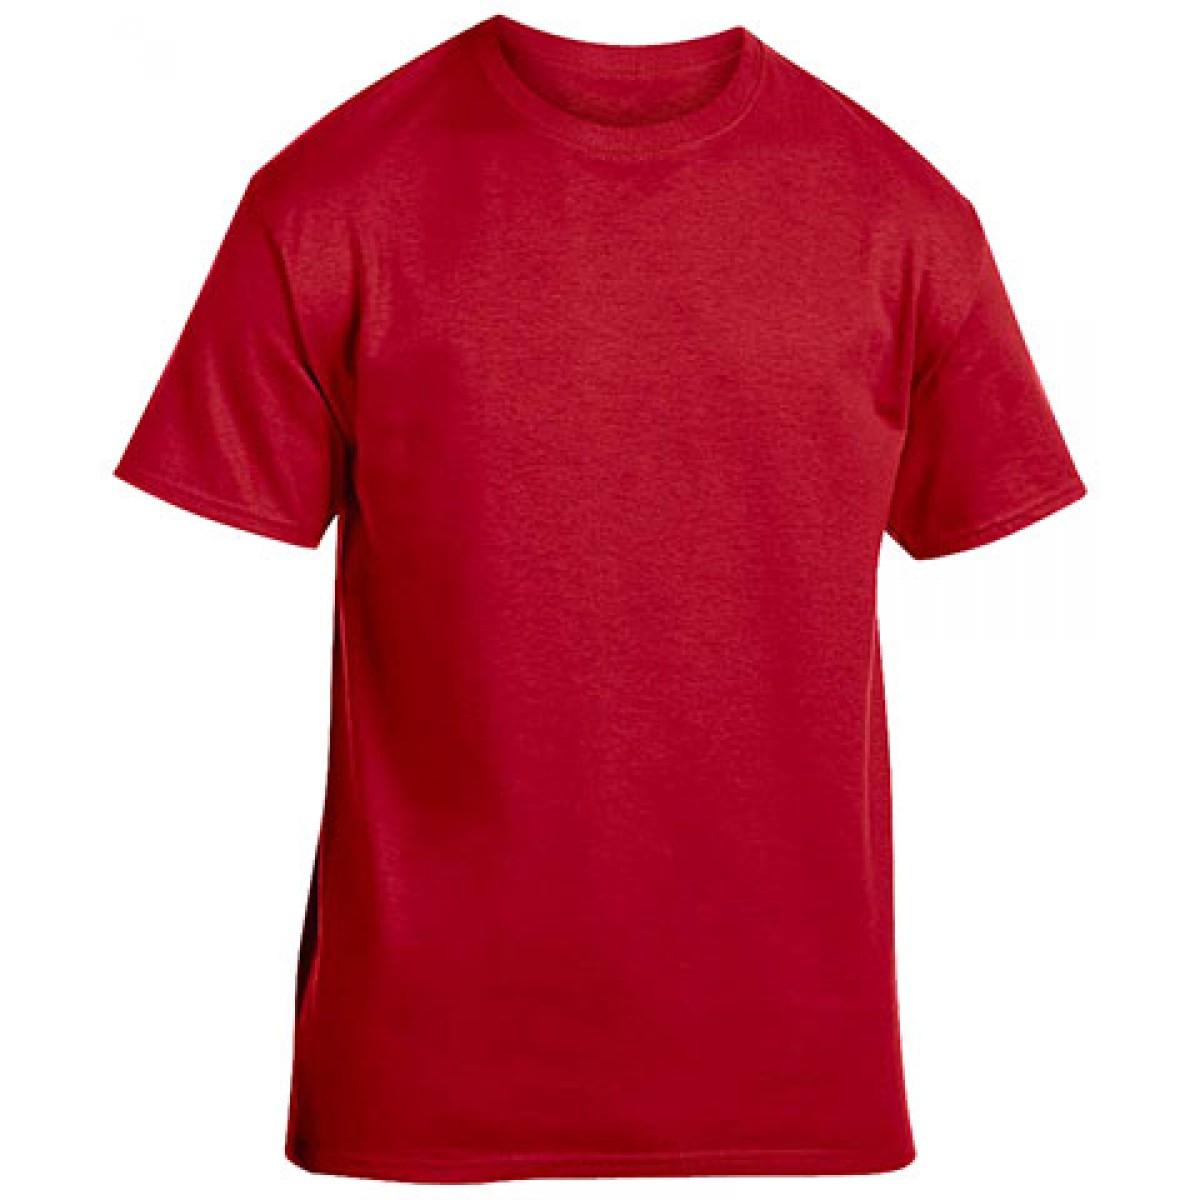 Cotton Short Sleeve T-Shirt-Cardinal Red-XS